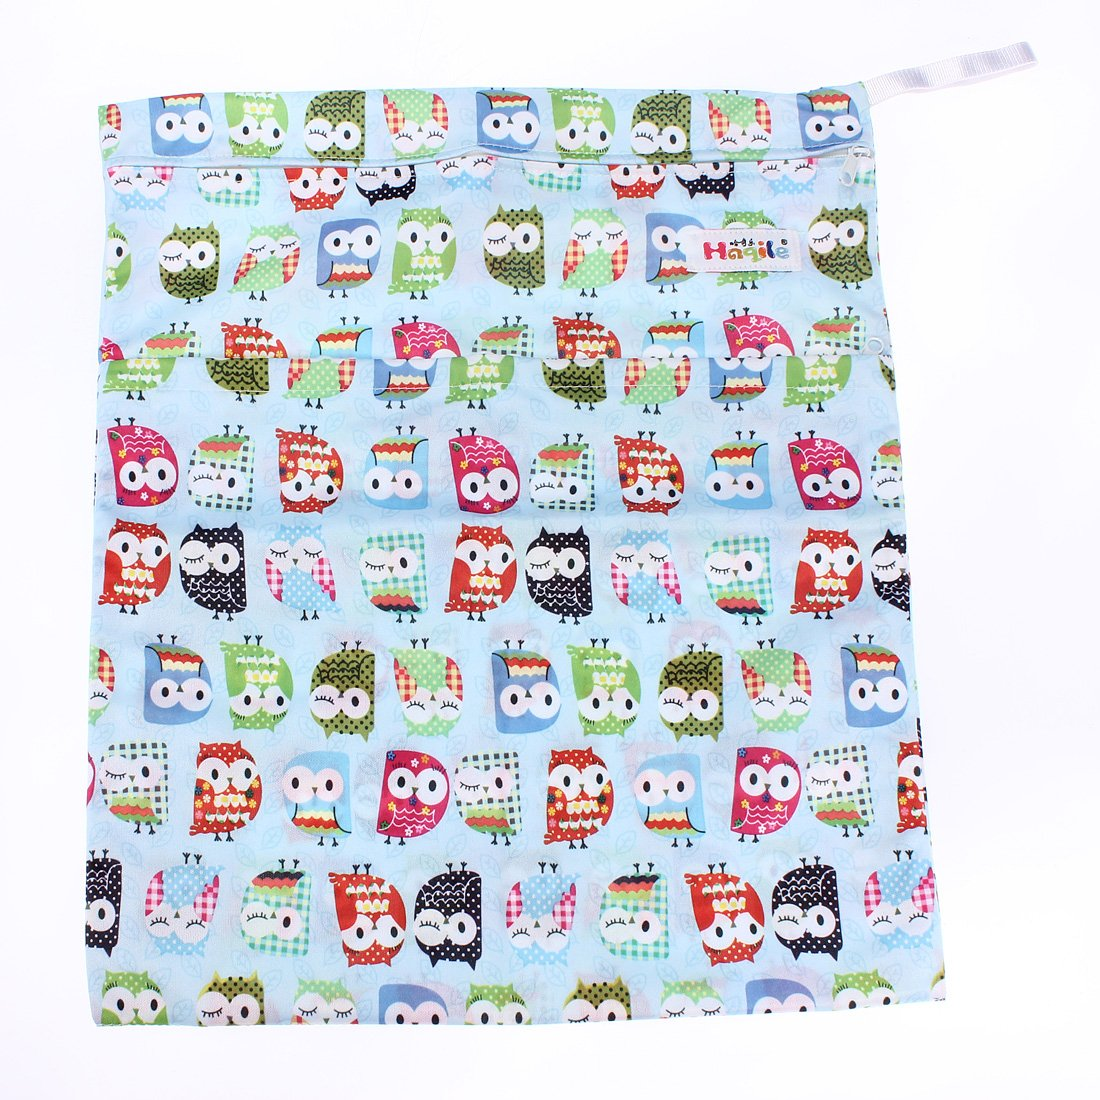 Baby Waterproof Zipper Bag Washable Reusable Baby Cloth Diaper Bag Nollmit